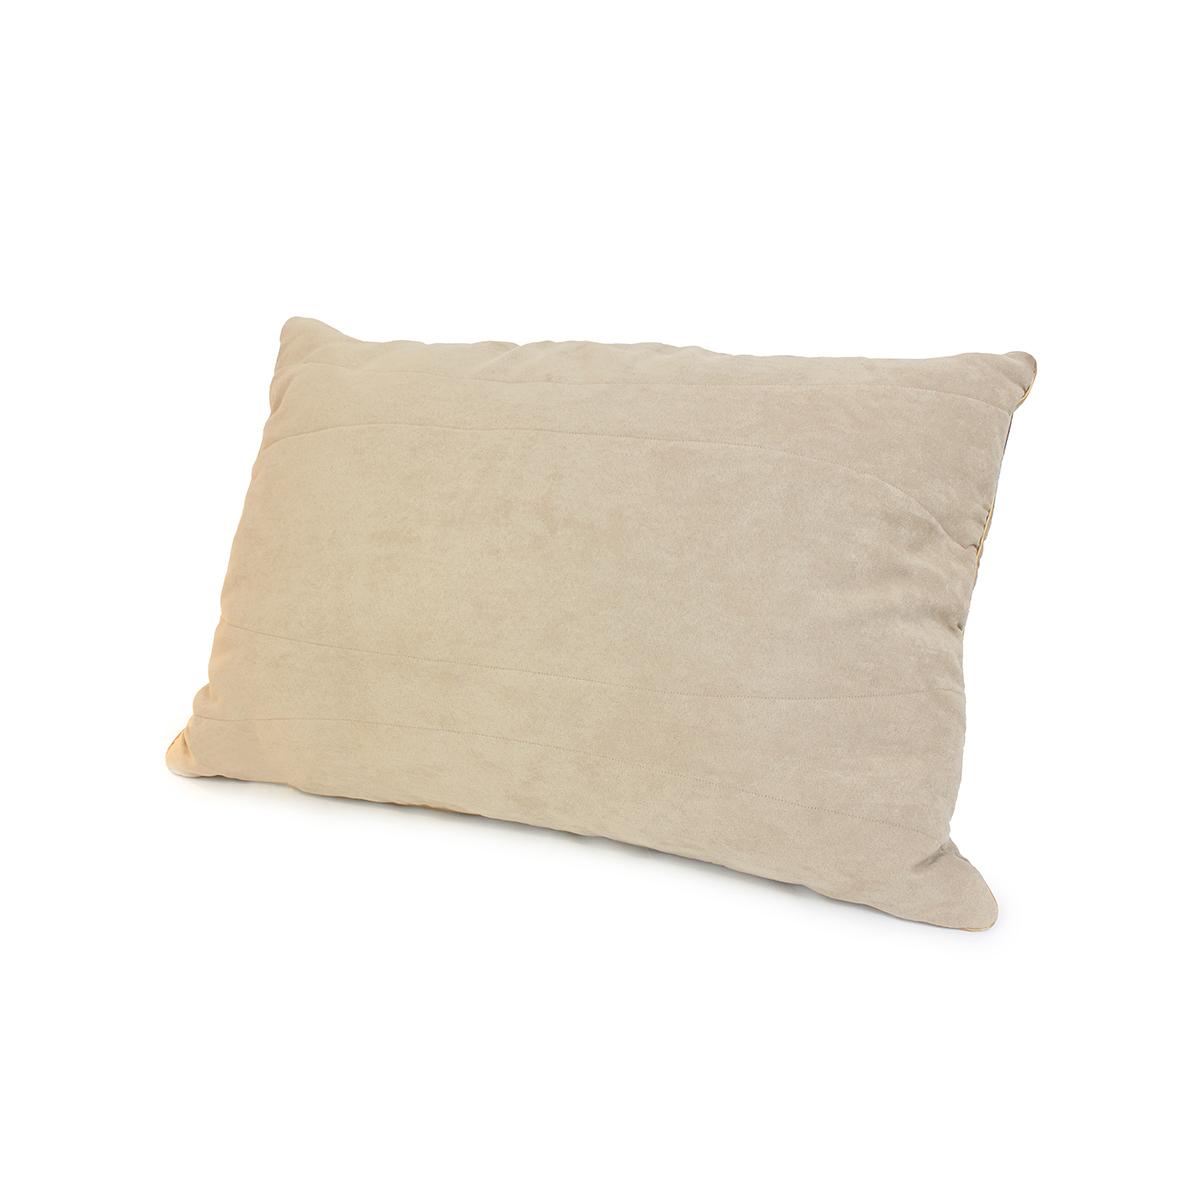 深呼吸したくなる「寝具」|ピロー|抗菌機能と乾きやすさを兼ね備えた、丸洗い可能な寝具|ベルクラウド